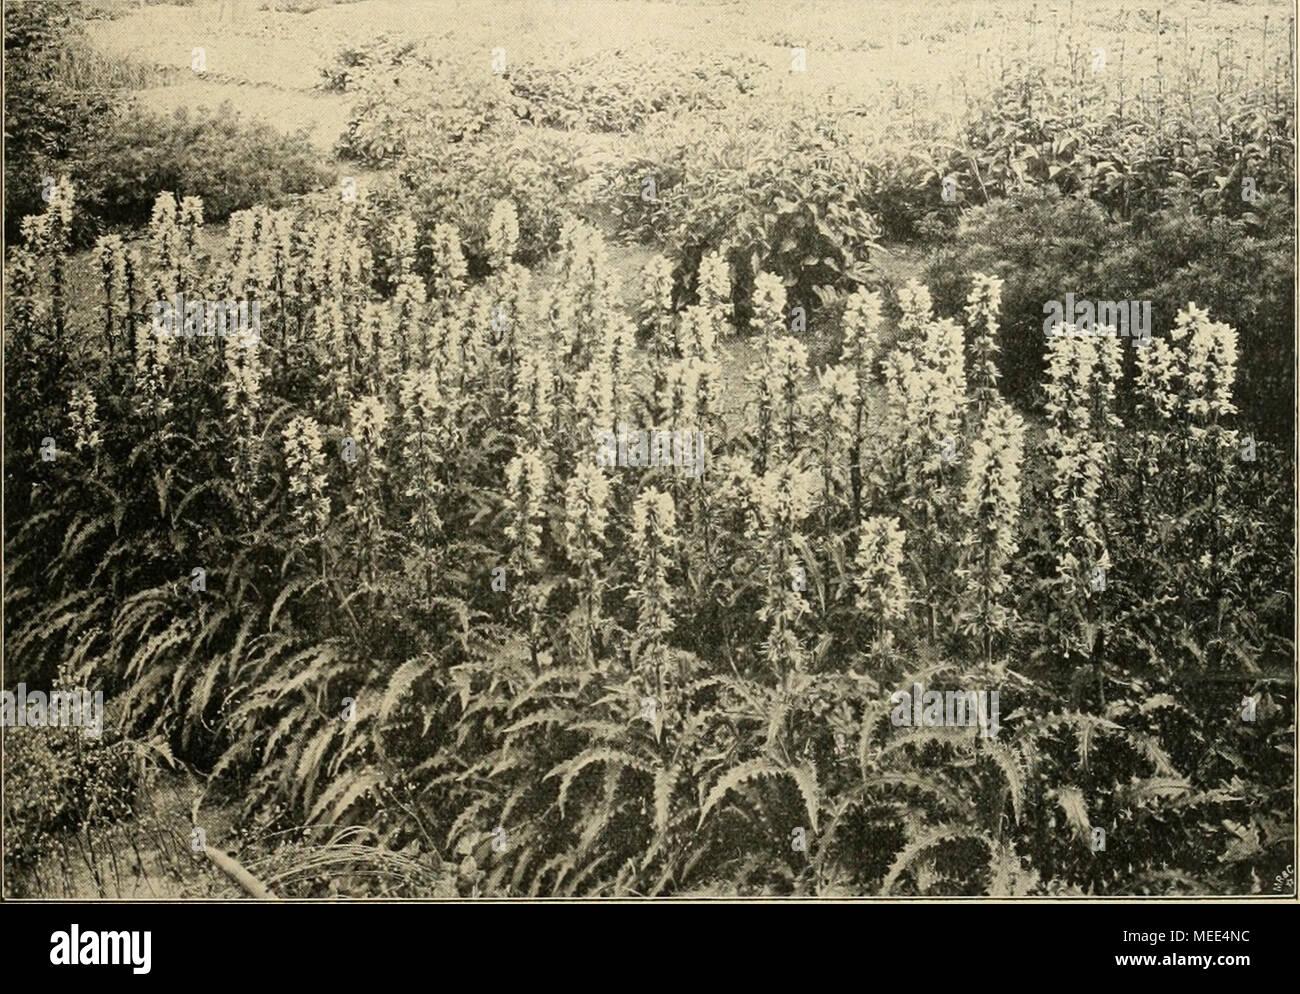 """. Die Gartenwelt . Morina longifolia. In der Staudeügärtnerei von Otto Froebel, Zürich, für die ,,Gartenwelt"""" photogr. aufgenommen. wiederholtes Verpflanzen im August. Das Wiedereinpflan- zen der ausgesetzten Kakteen hat schon im August zu ge- schehen, damit die Pflanzen sich noch gut einwurzeln können. Für hohe Pflanzen habe ich einen Kasten kon- struiert, dessen Seitenteile ebenfalls Stehfenster sind, so dass die Pflanzen von allen Seiten Licht haben. Auch die Topfpflanzen bekommen einen warmen Fuss, wie der Gärt- nerausdruck lautet, d. h. es wird der Kasten warm angelegt und die Töpfe  - Stock Image"""